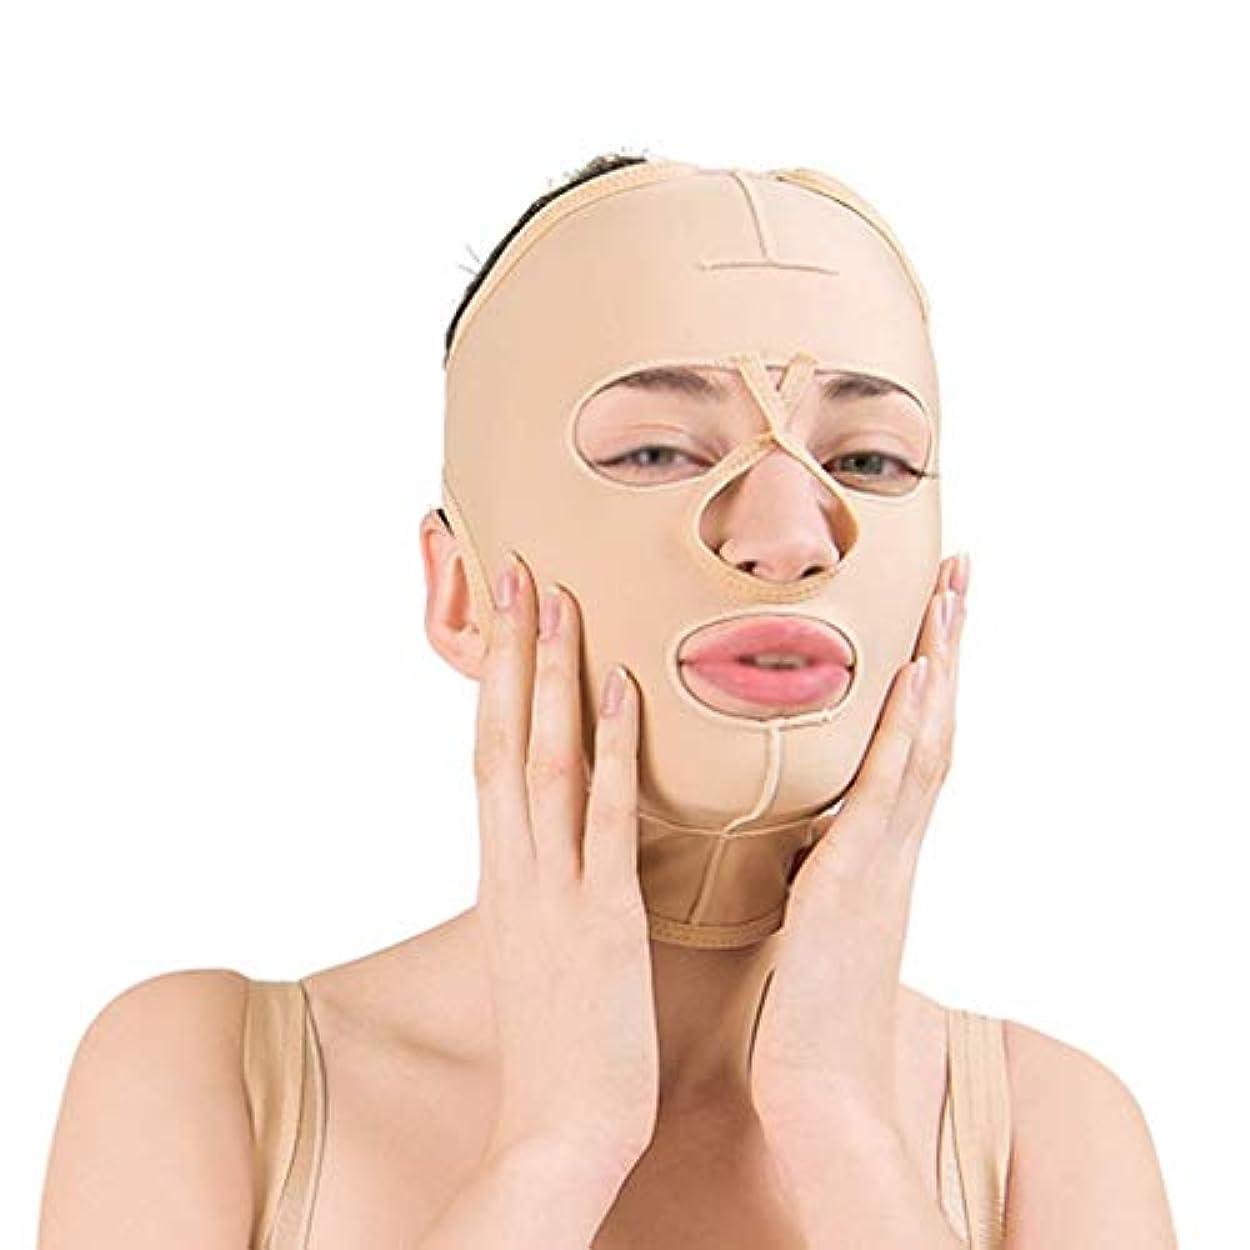 持っている講義不透明なフェイススリミングマスク、フェイスバンデージ付きフェイシャル減量マスク、通気性フェイスリフト、引き締め、フェイスリフティング(サイズ:L),M